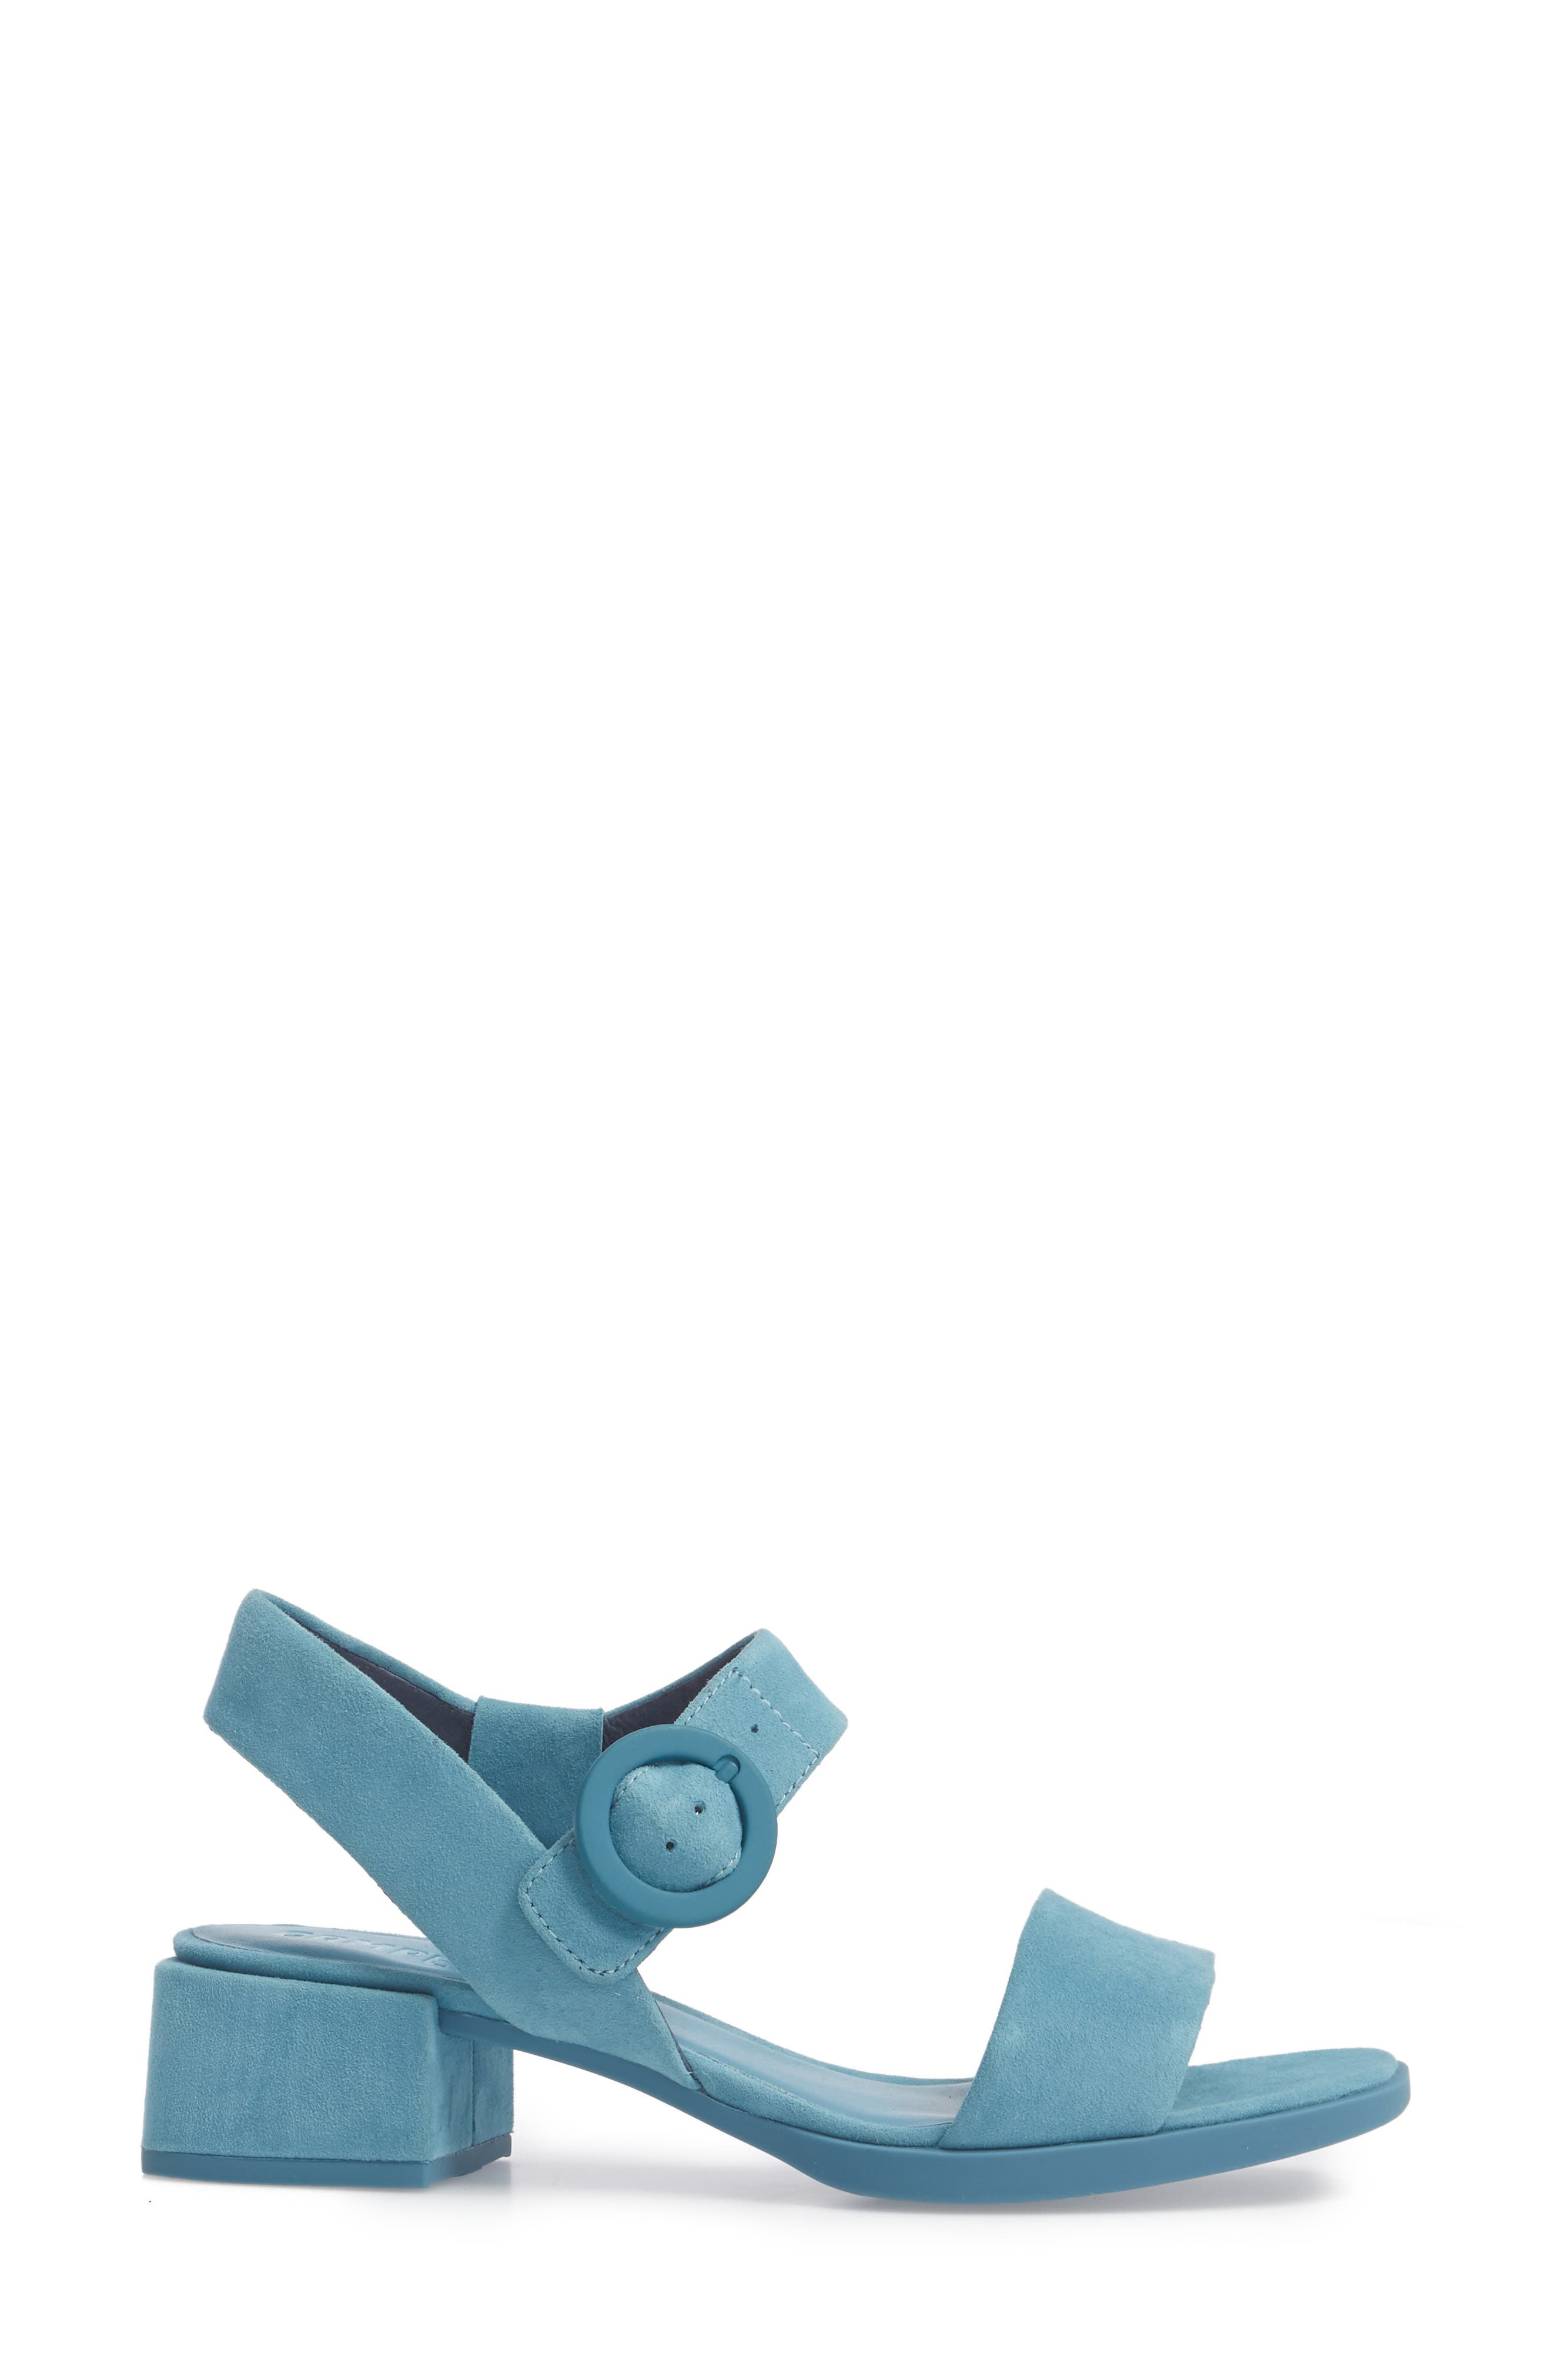 Kobo Sandal,                             Alternate thumbnail 3, color,